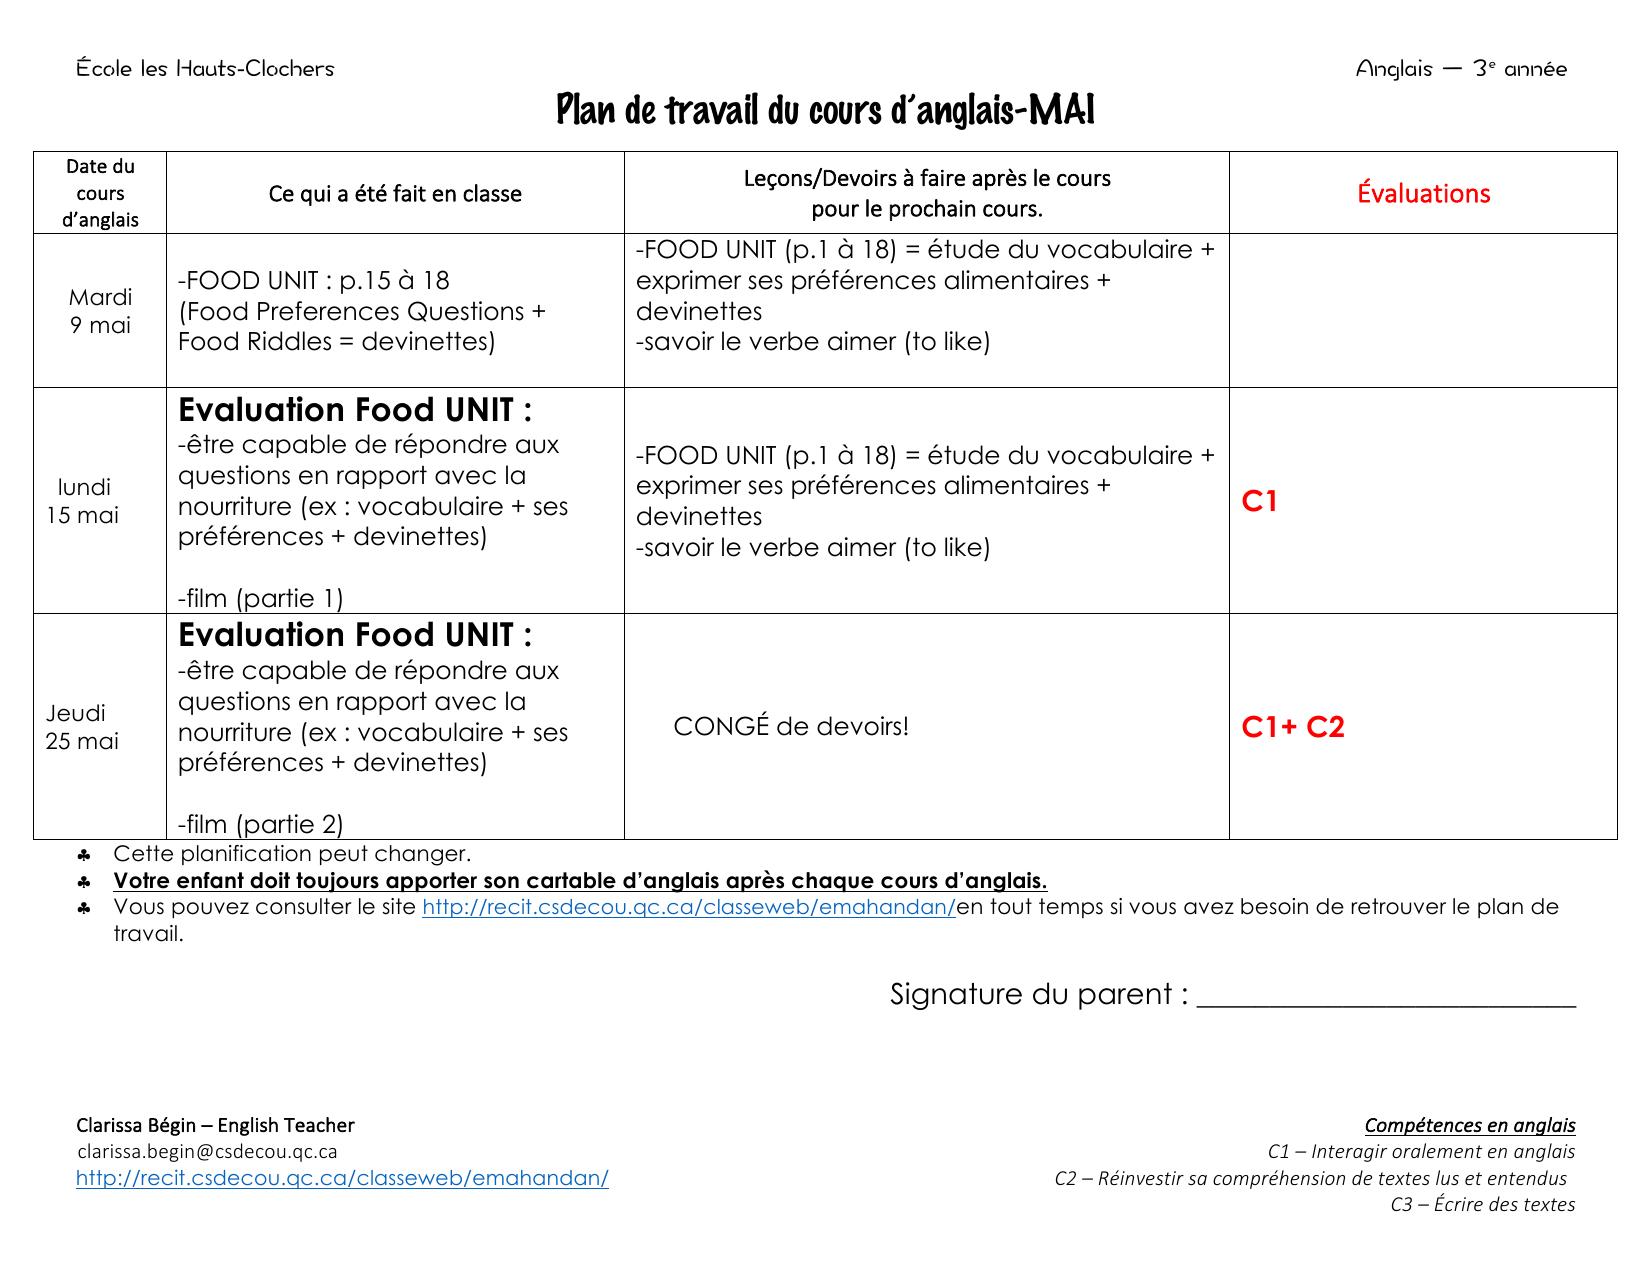 Plan De Travail En Anglais.Plan De Travail Du Cours D Anglais Mai